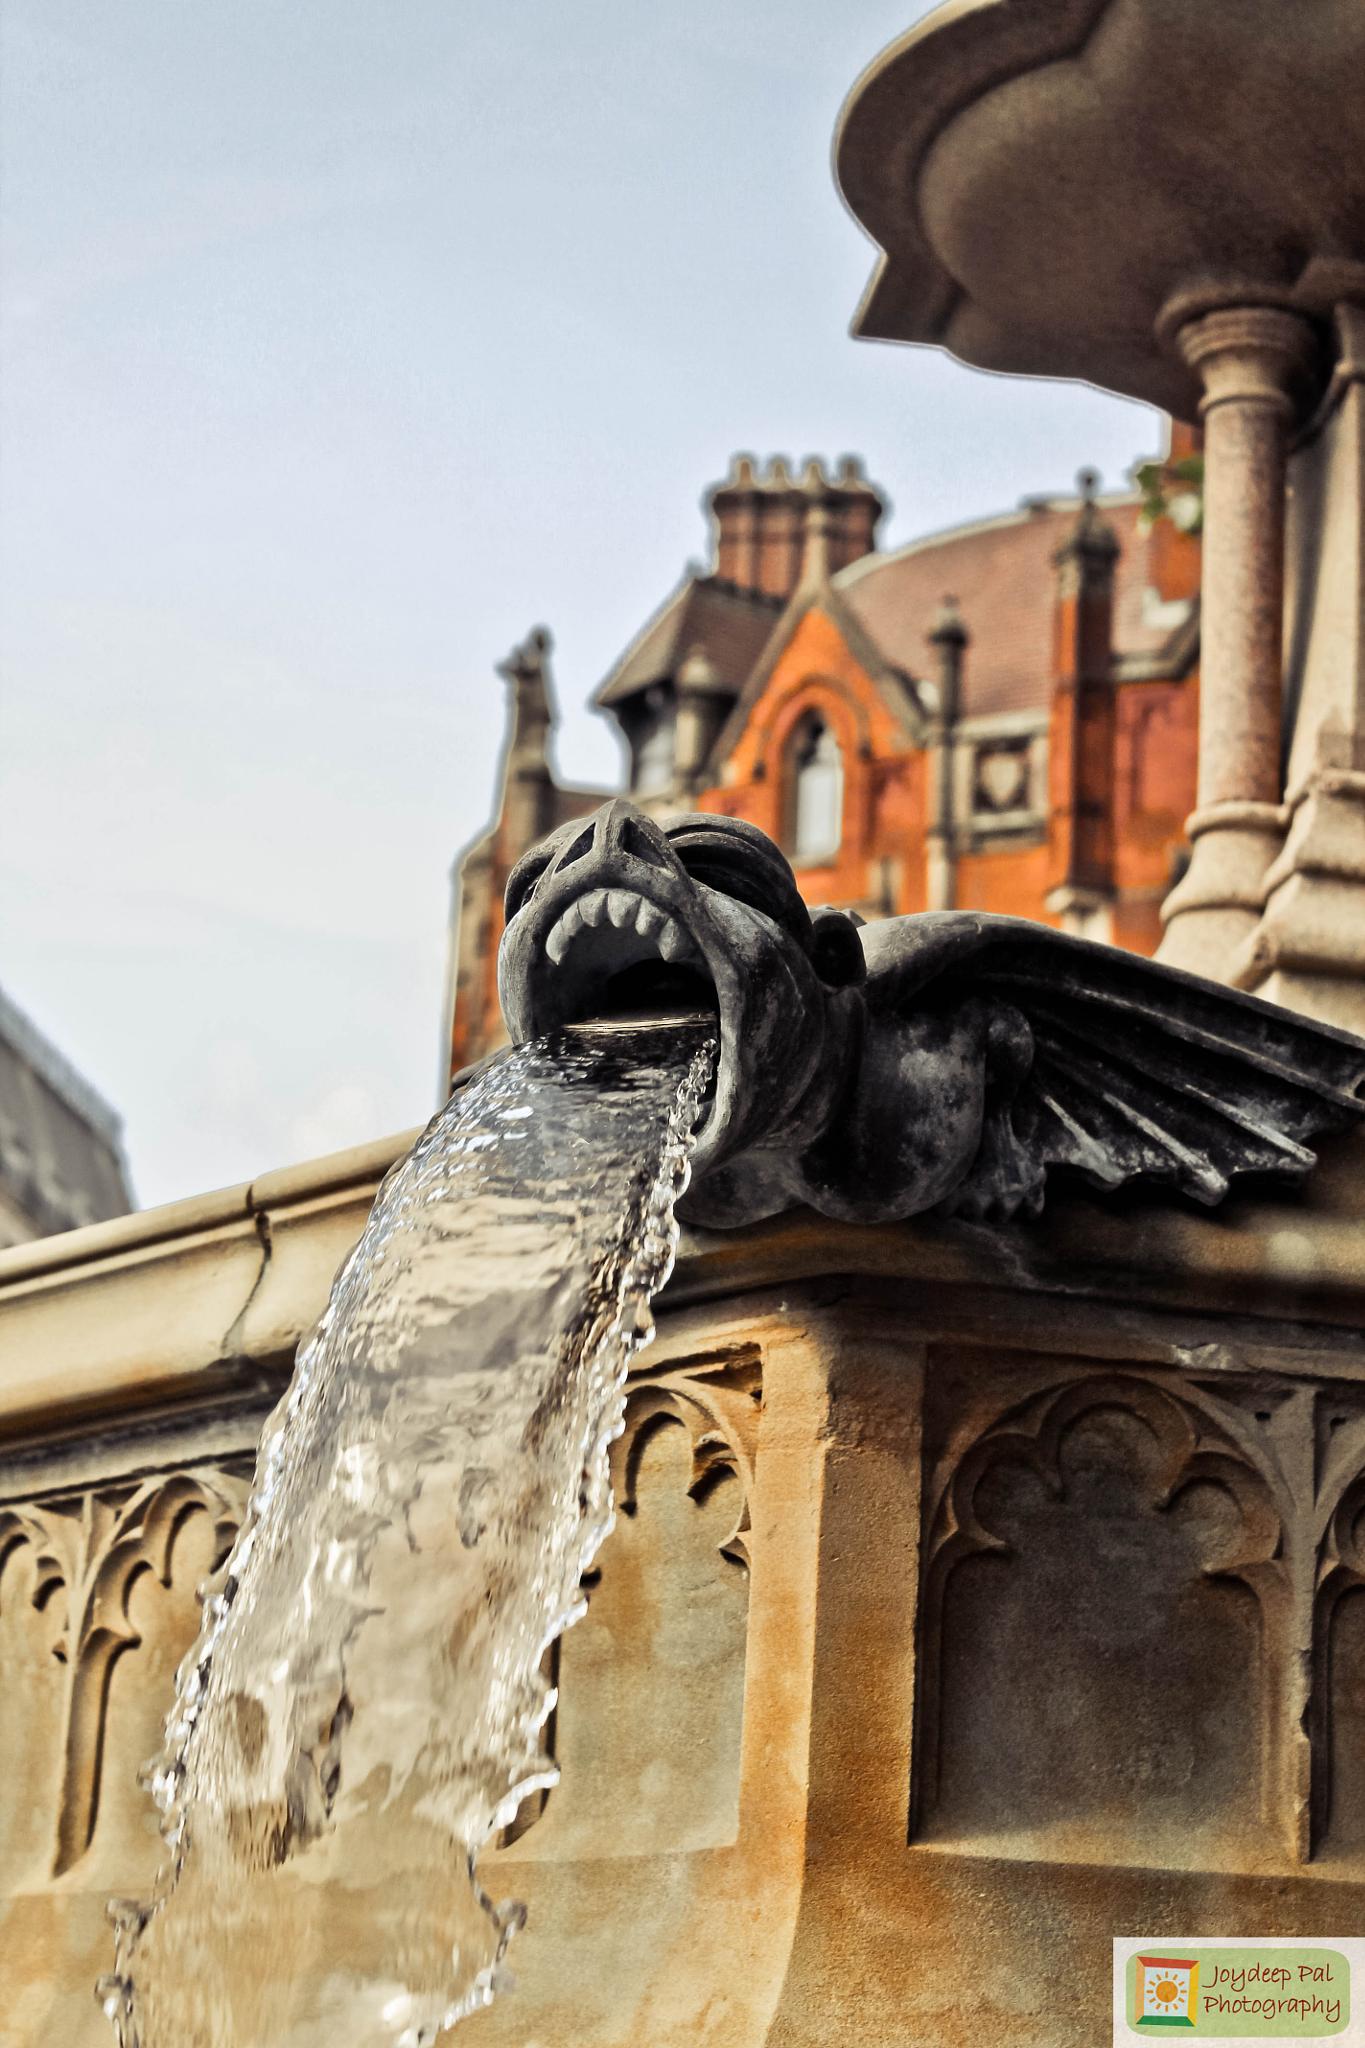 Fountain by Joydeep Pal